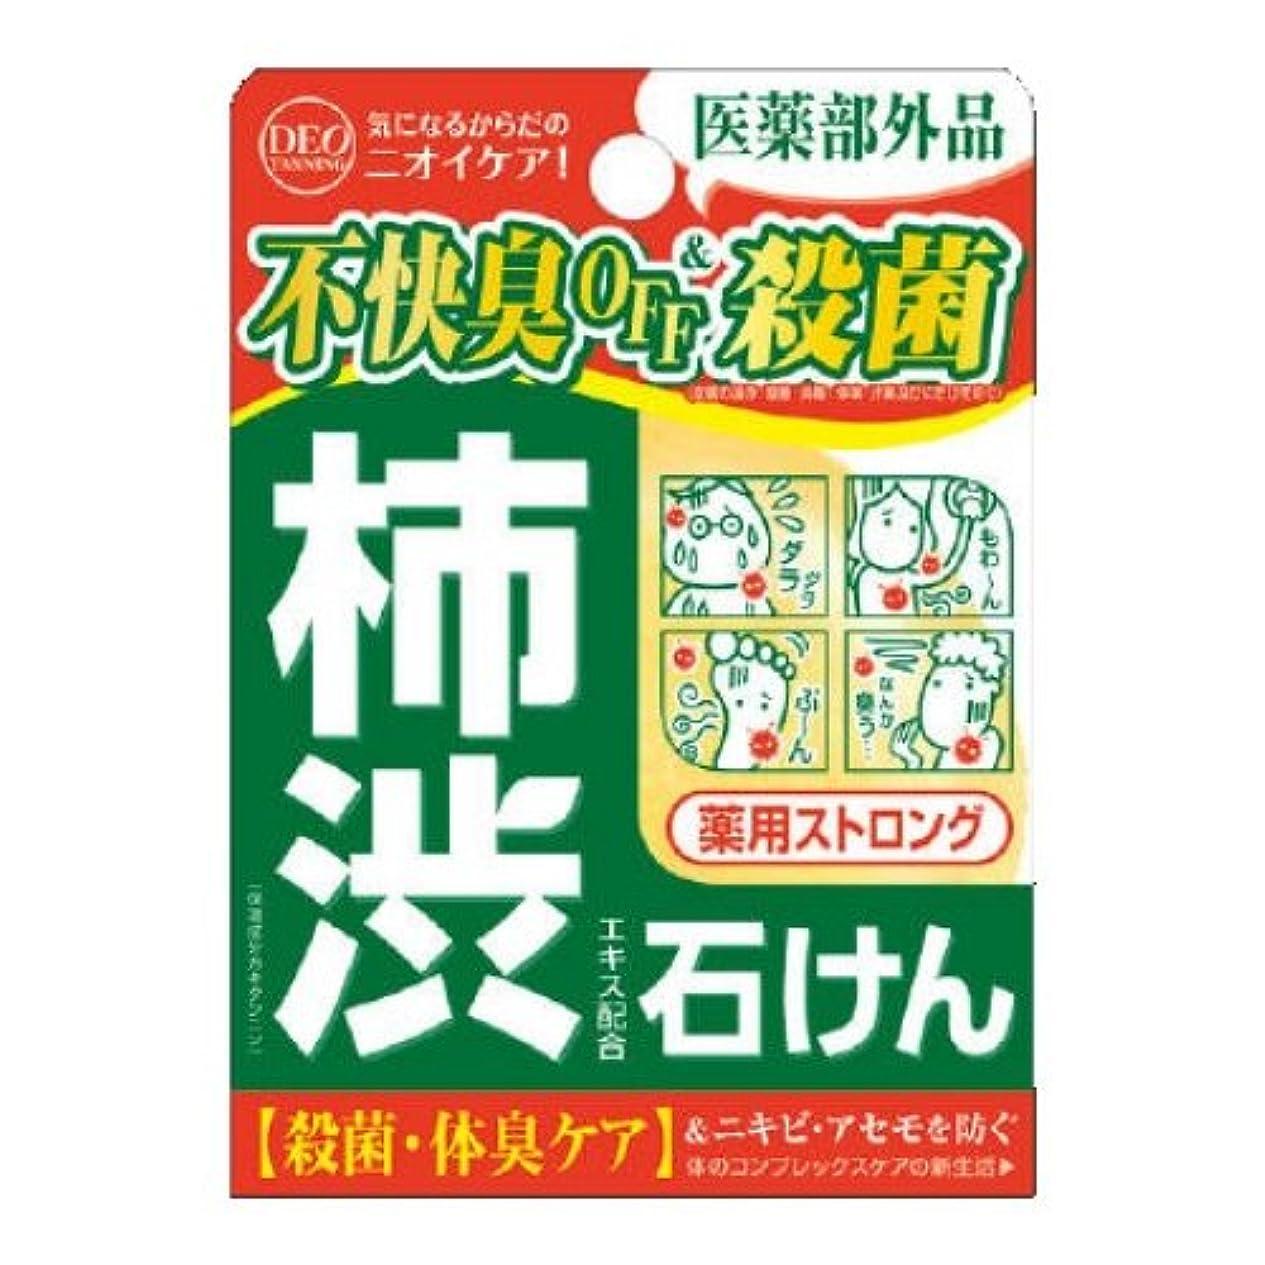 尽きる独立ドリンクデオタンニング 薬用ストロング ソープ 100g (医薬部外品)